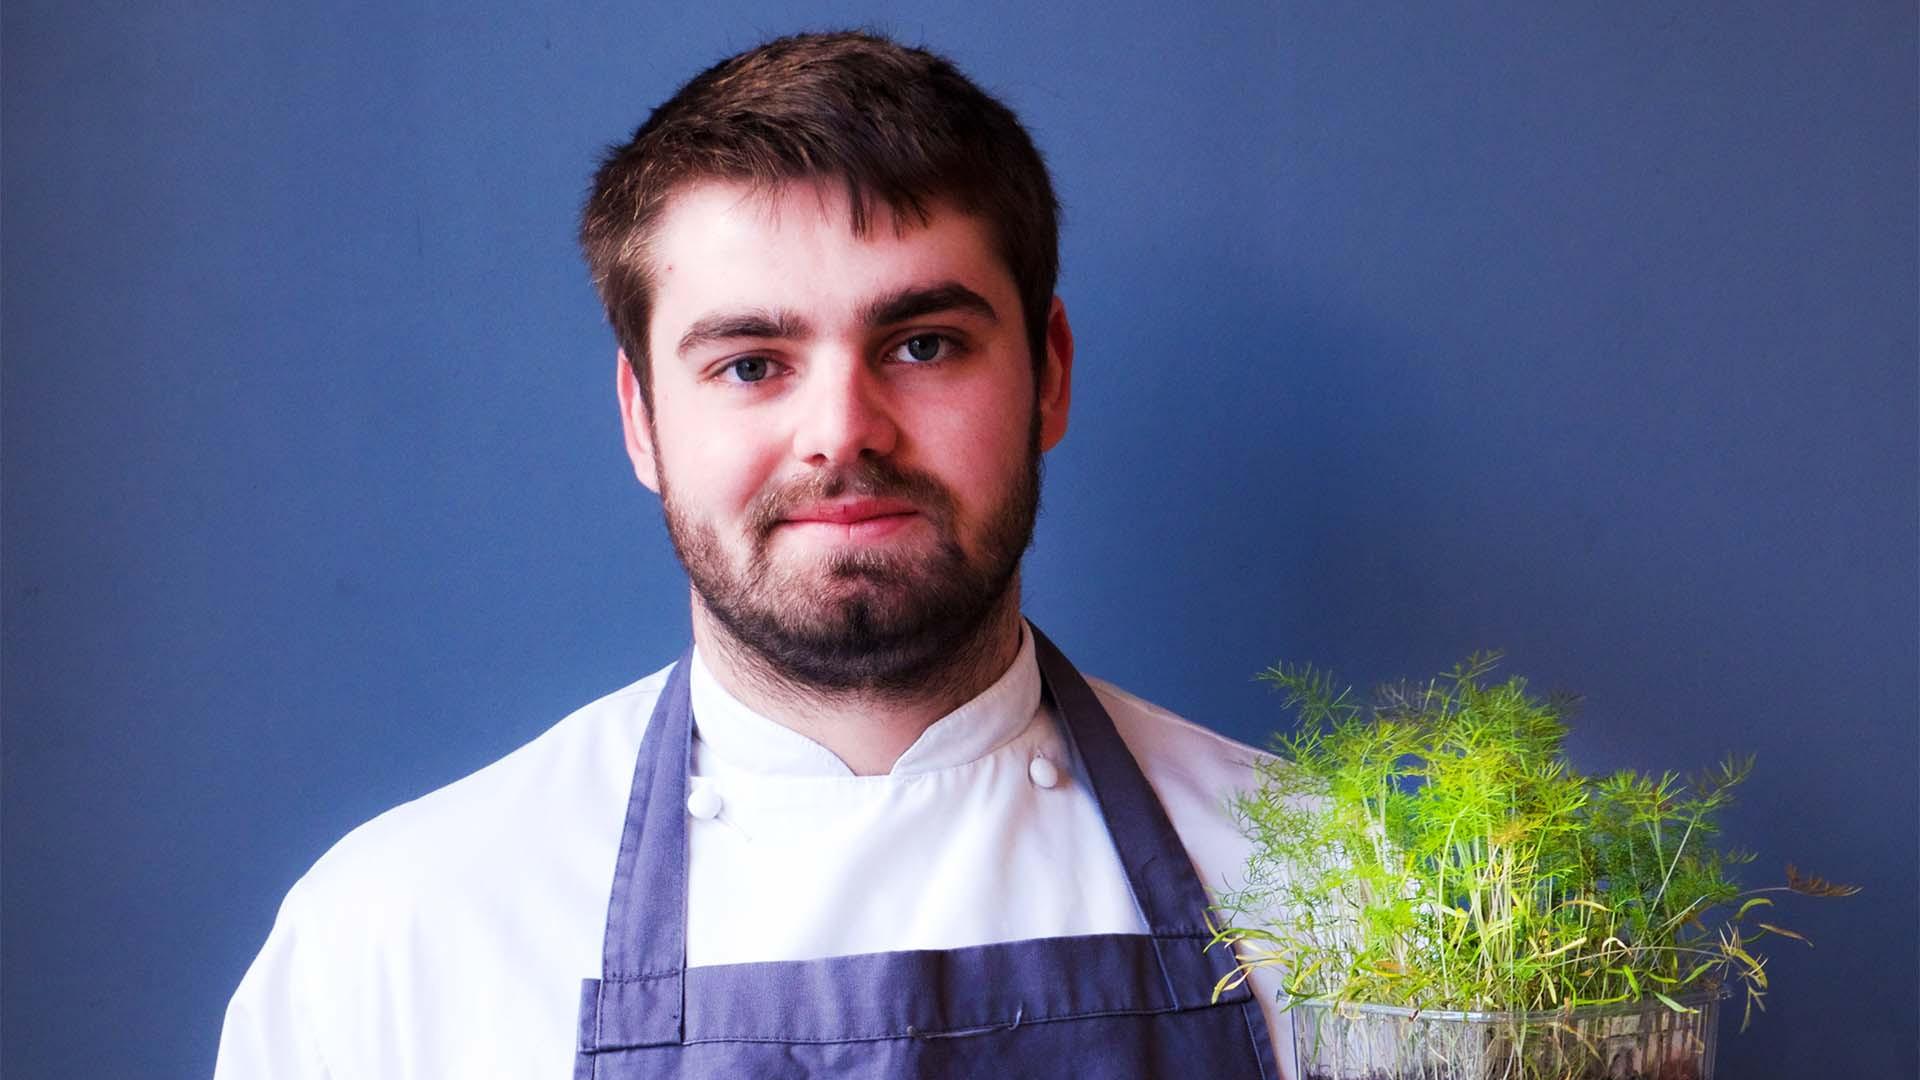 Isaac Bartlett-Copeland, head chef at Brighton's Isaac At